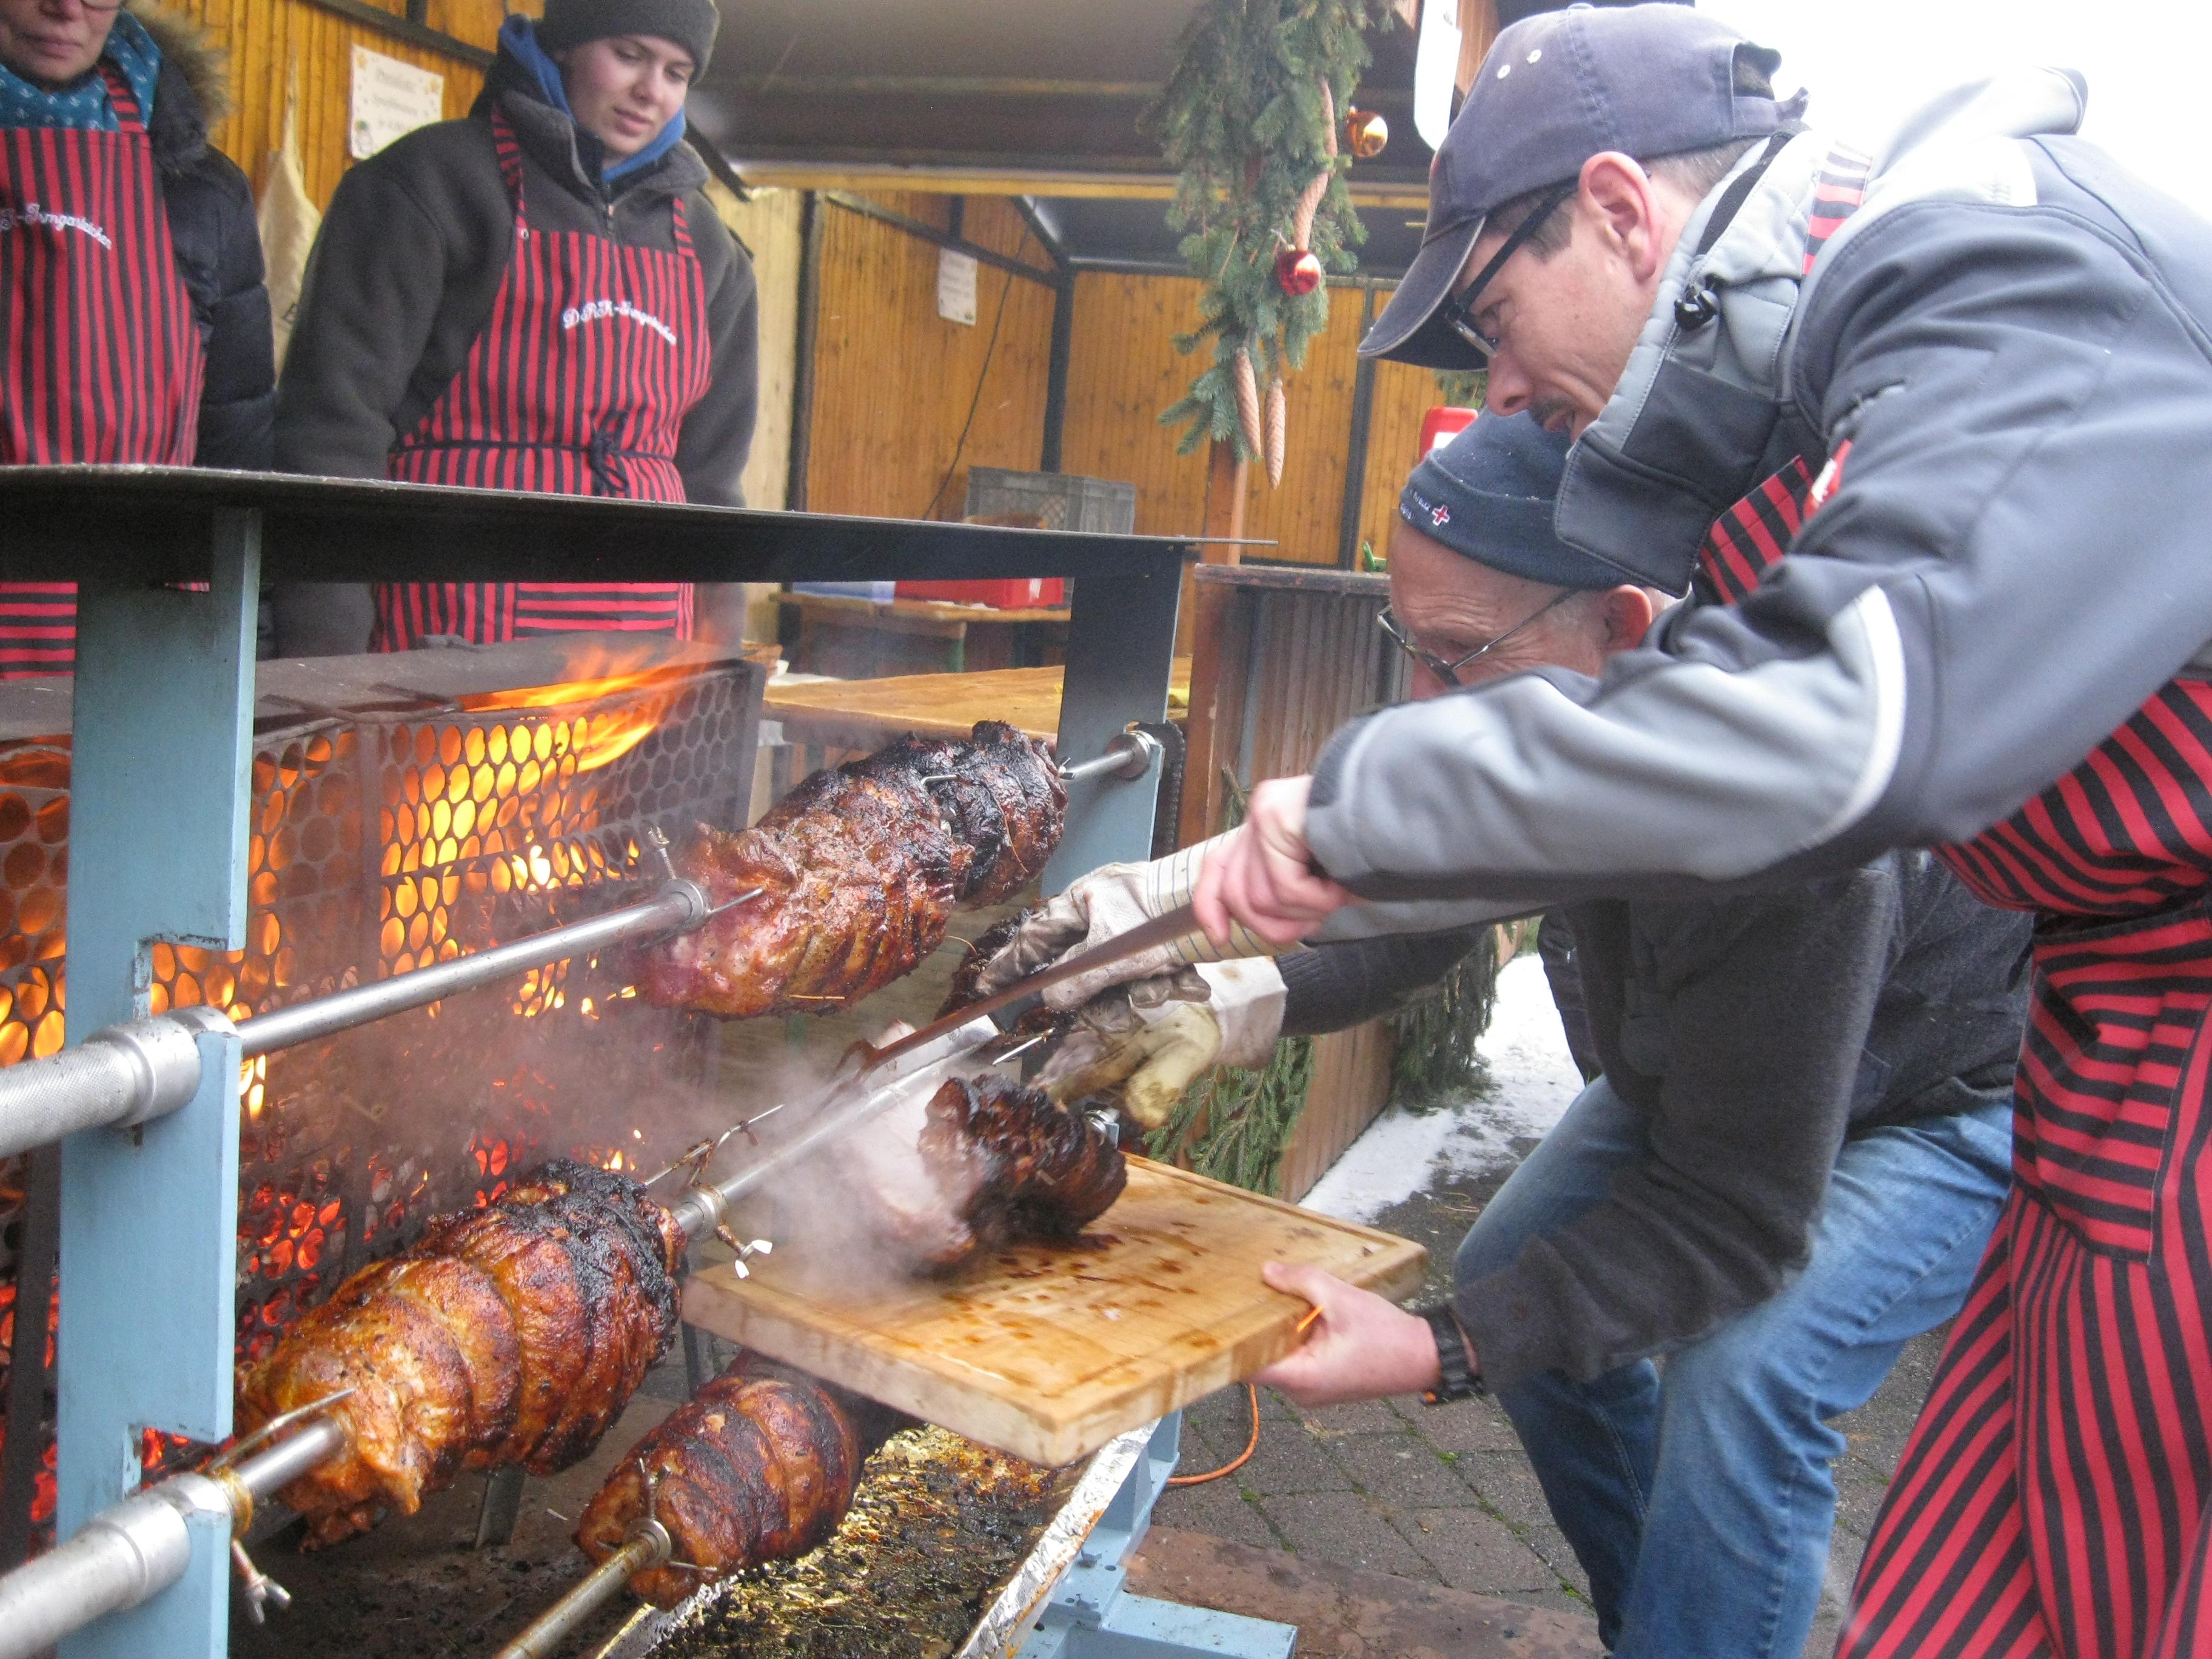 39. Weihnachtsmarkt: Schneeflocken sorgten für Ambiente – Stimmungsvoller Markt auf dem Kirchplatz – Blasmusik zum Glühweinduft